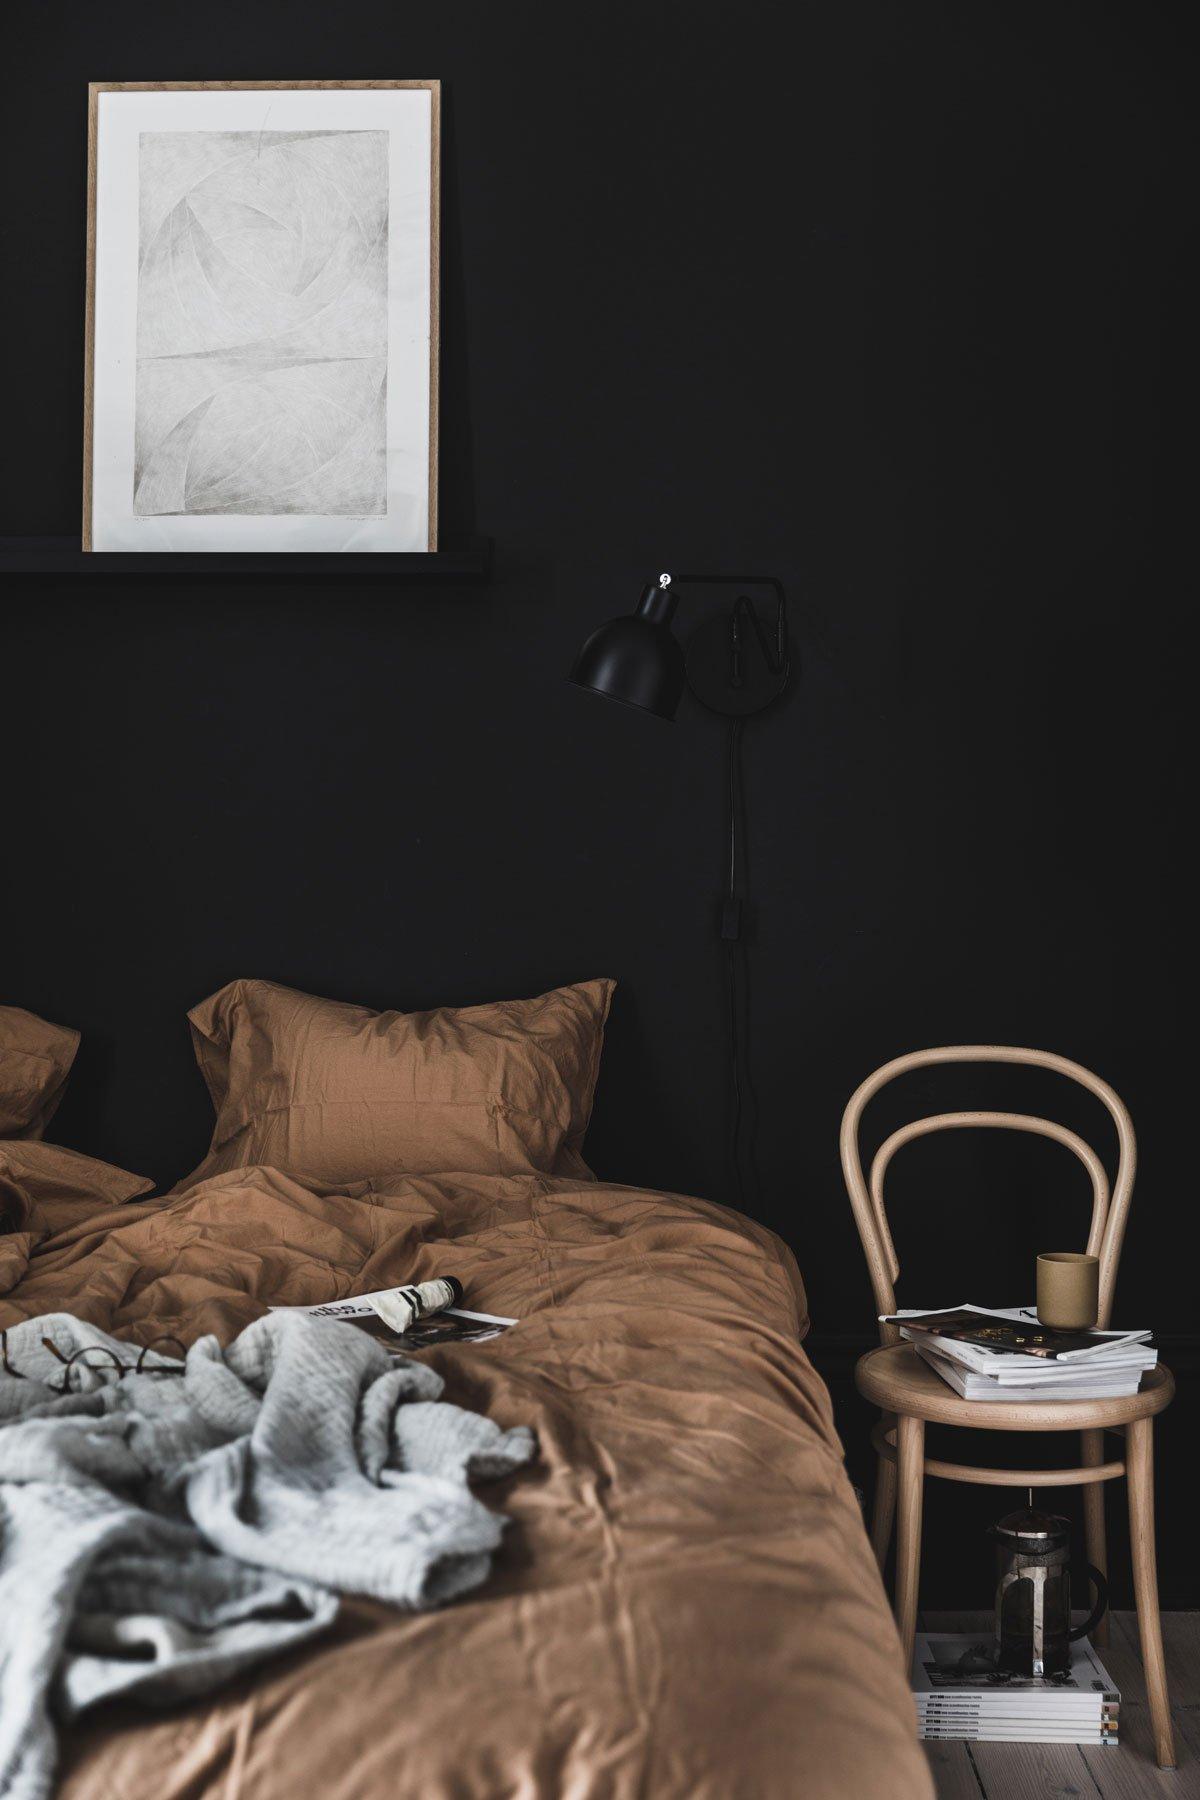 bedroom cozy hygge black